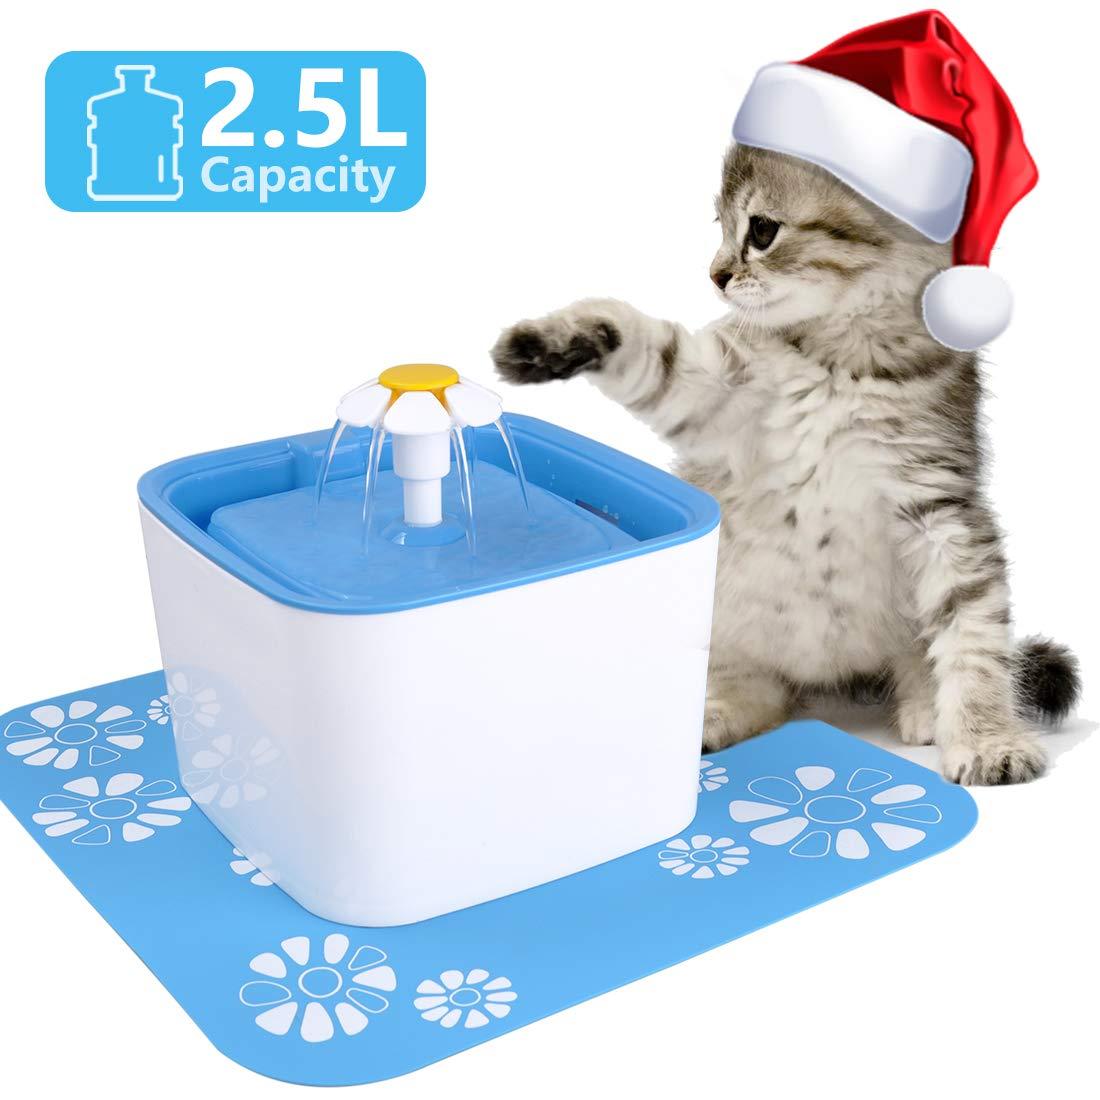 Iseebiz 2.5L Bebedero Perro Automatico de ABS Silencioso Fuente de Agua para Gatos y Perros